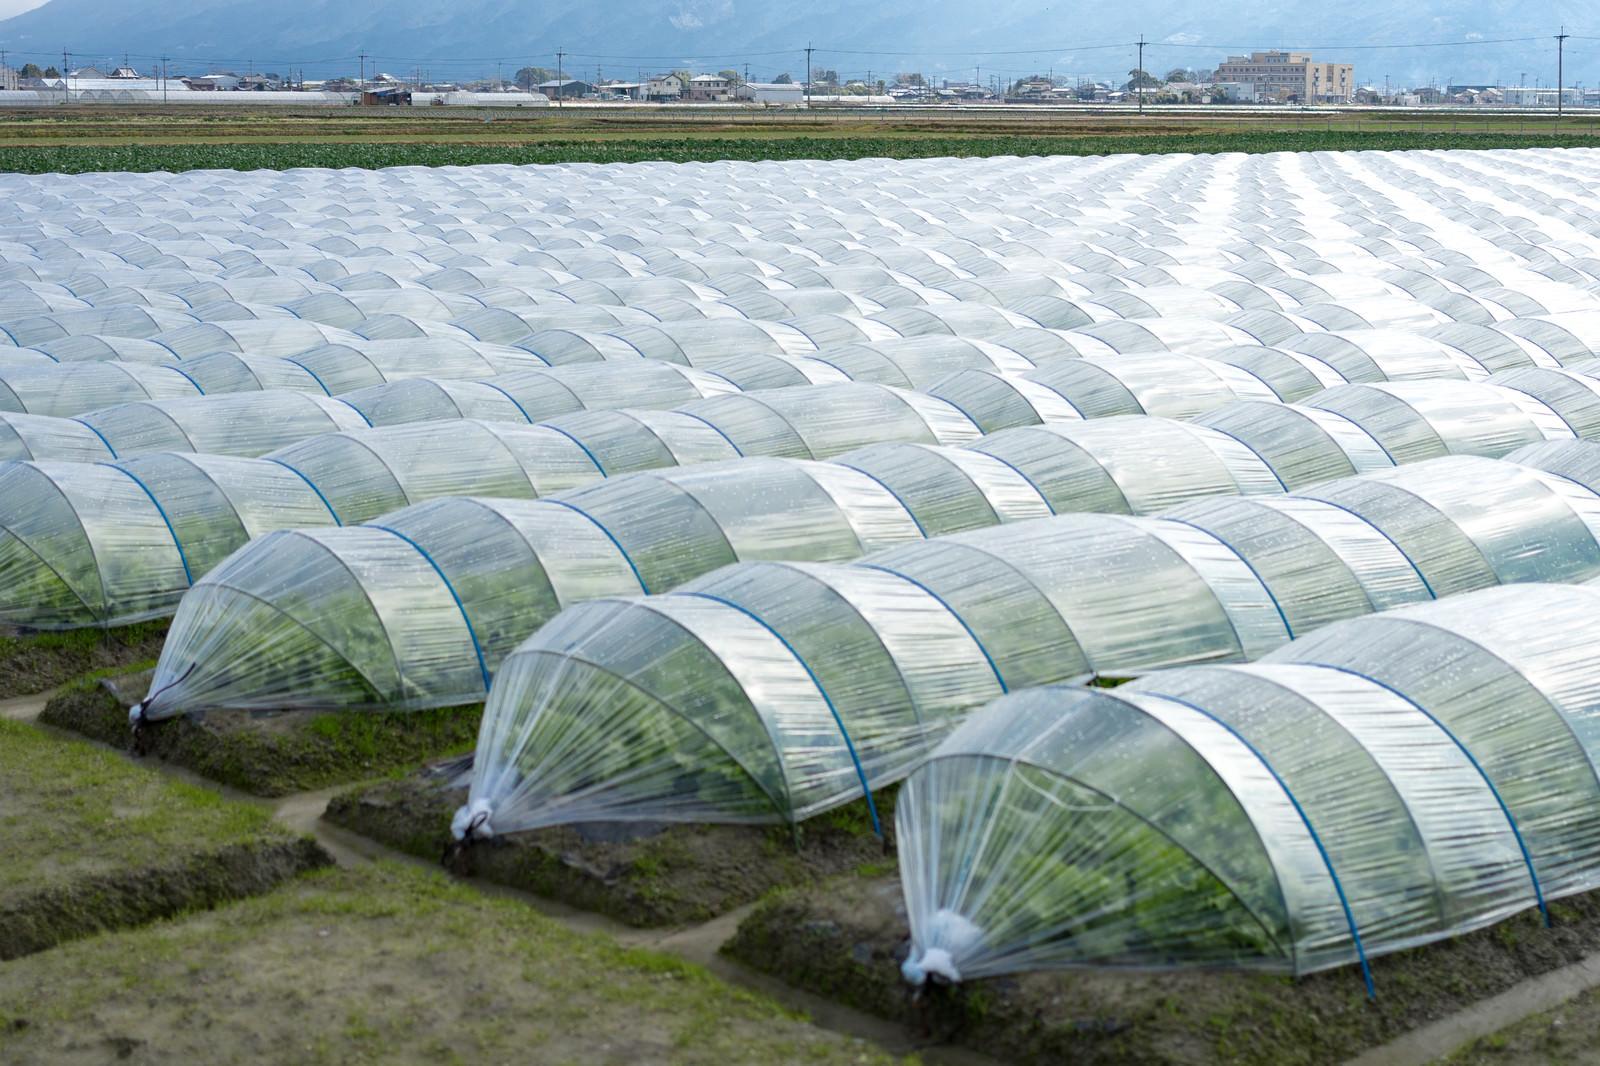 「ビニールハウス栽培の畑(大刀洗町)」の写真